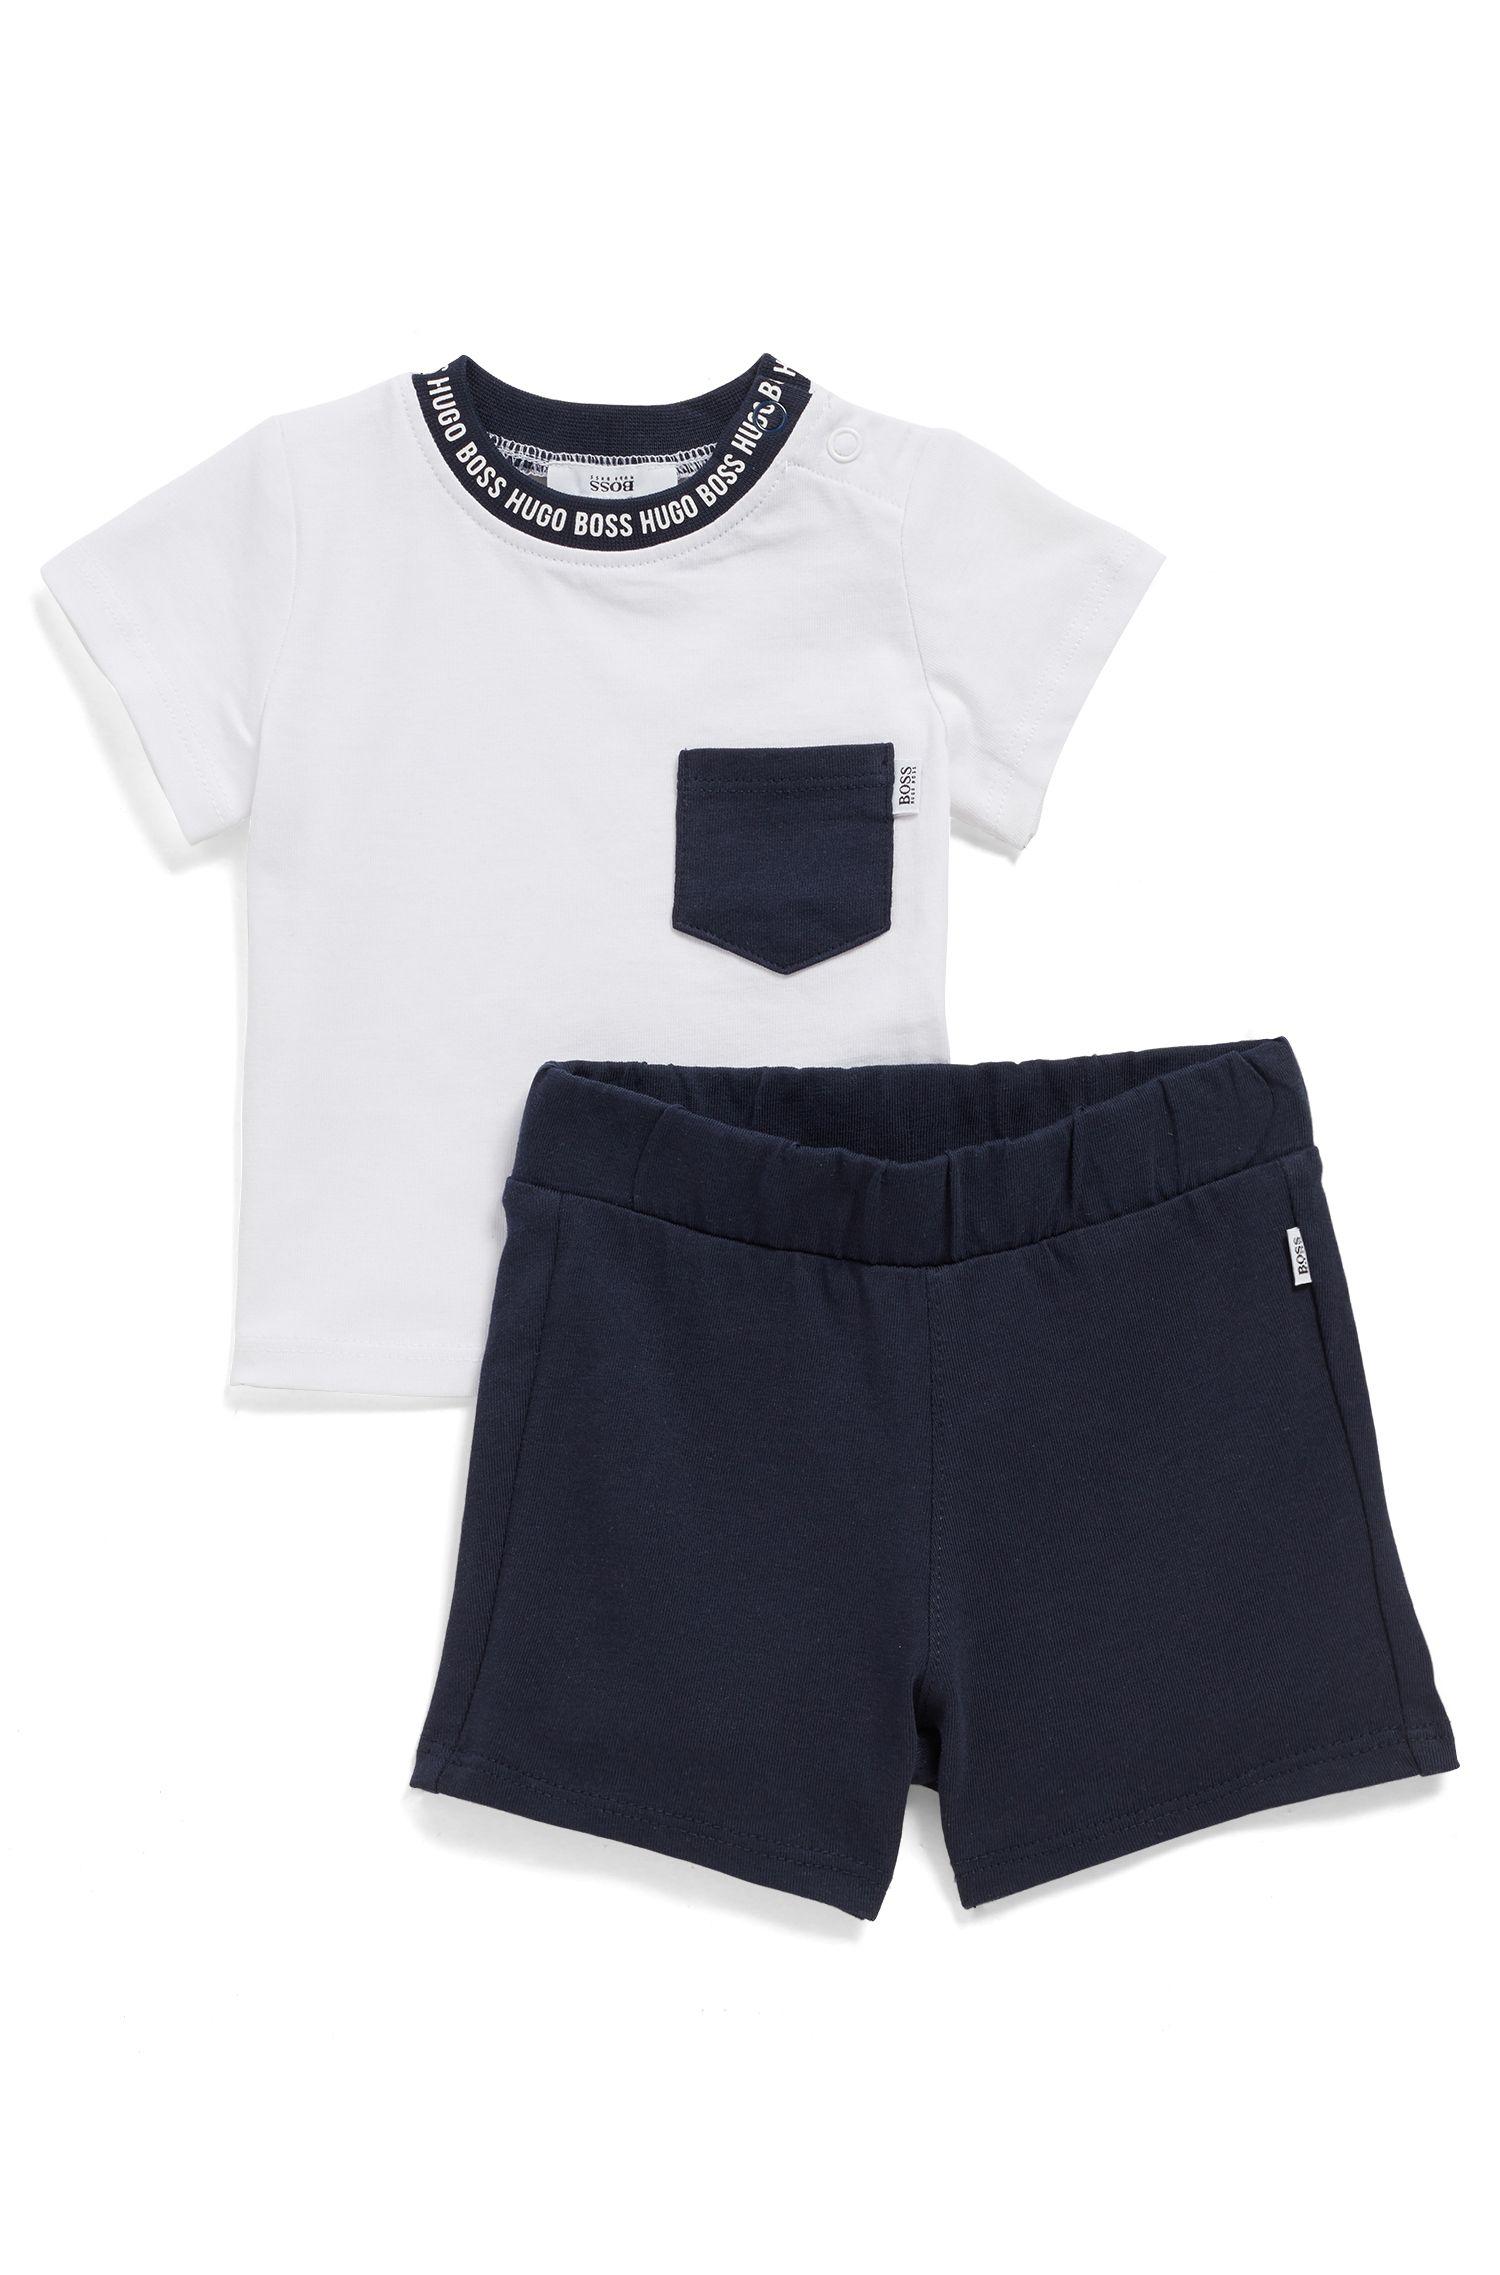 Coffret cadeau t-shirt et short en coton pour bébé, Fantaisie